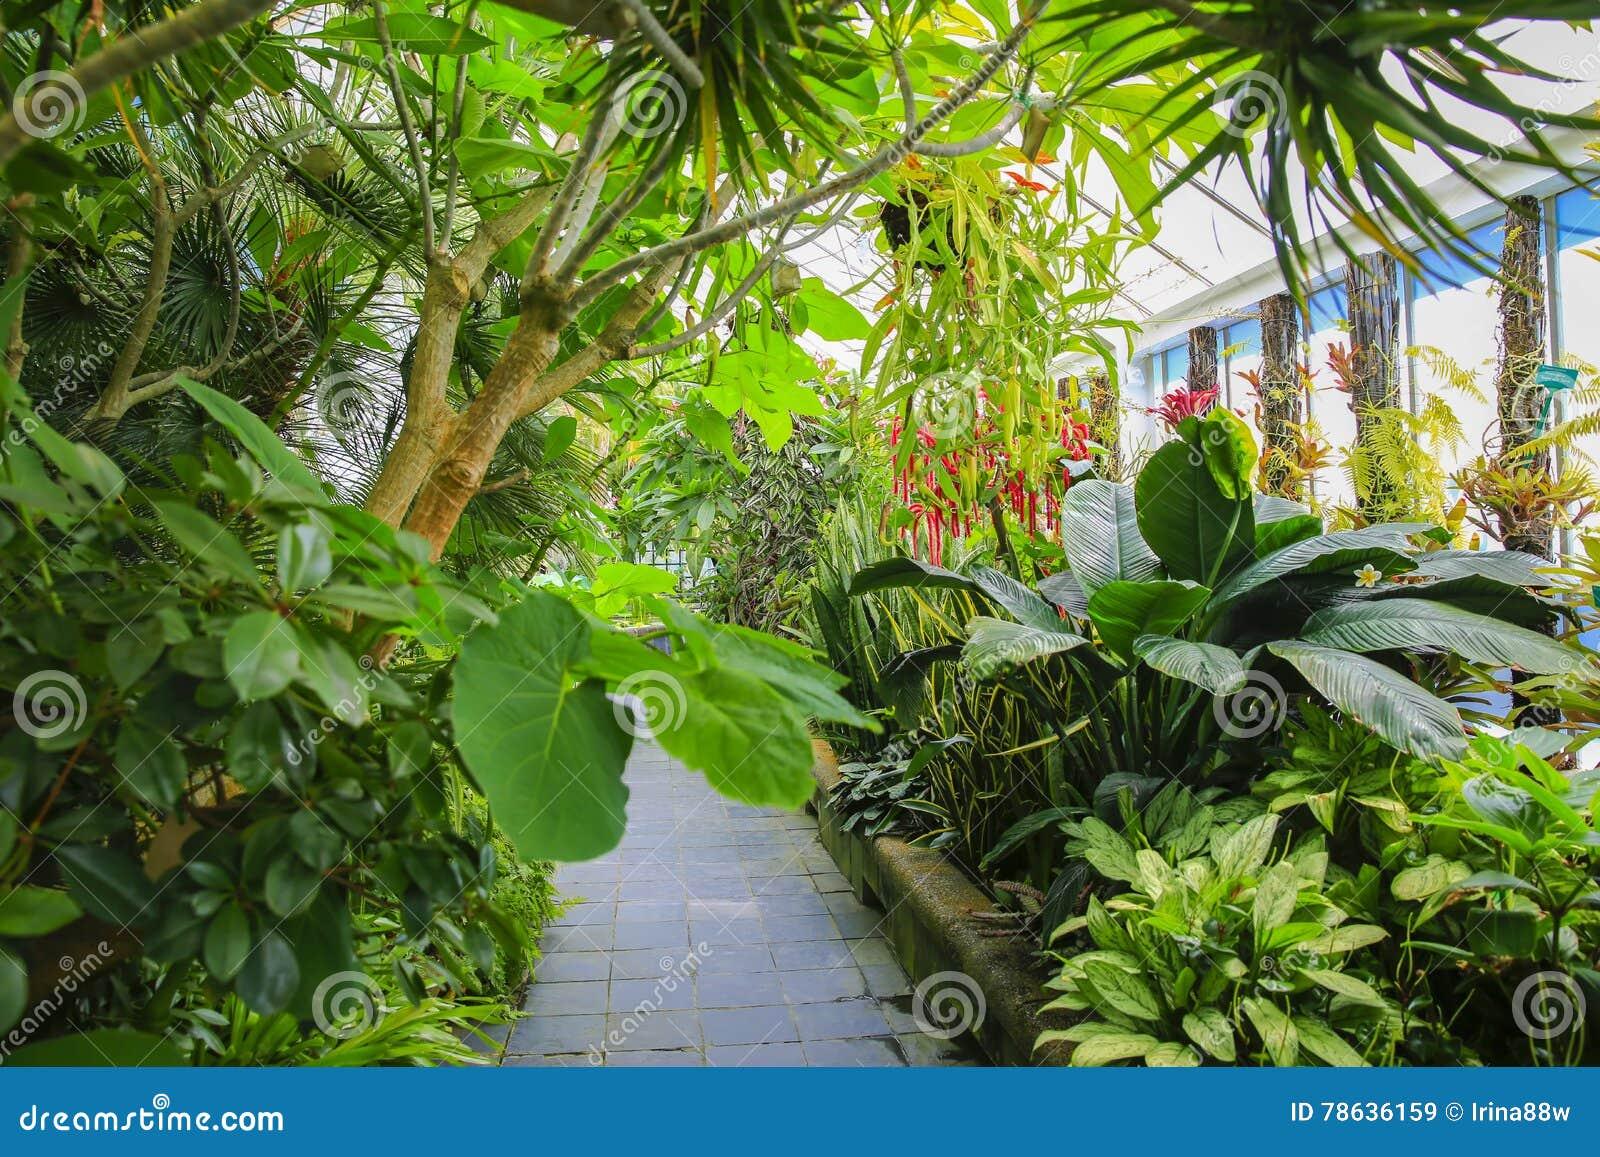 Intérieur de maison de bégonia, Wellington Botanical Garden, Nouvelle-Zélande